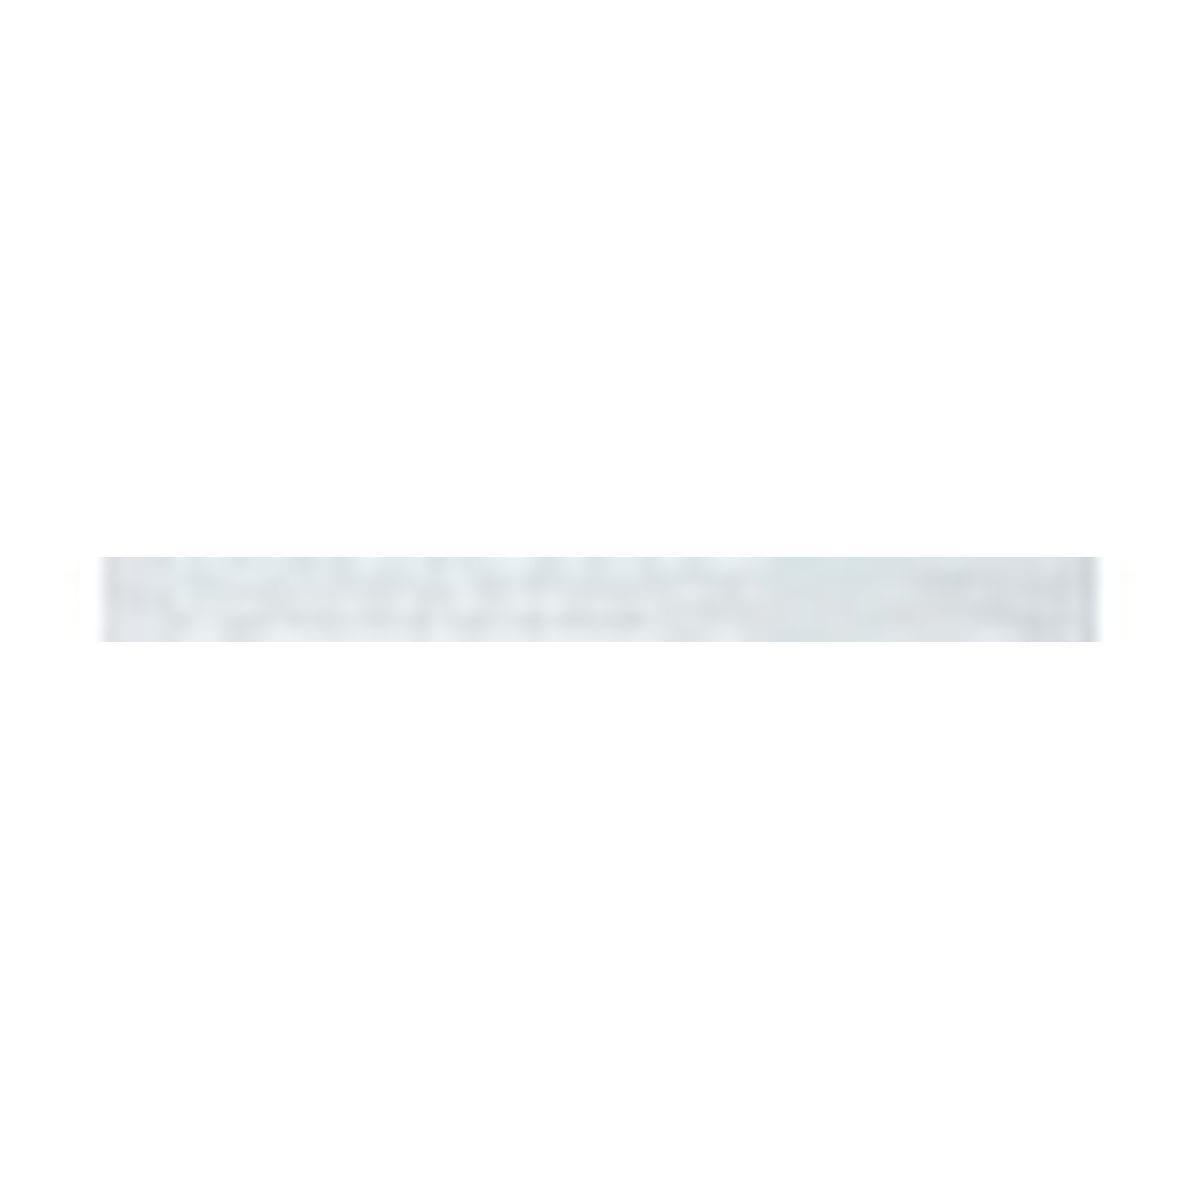 Дверная коробка Перекладина М9 белая ОЛОВИ